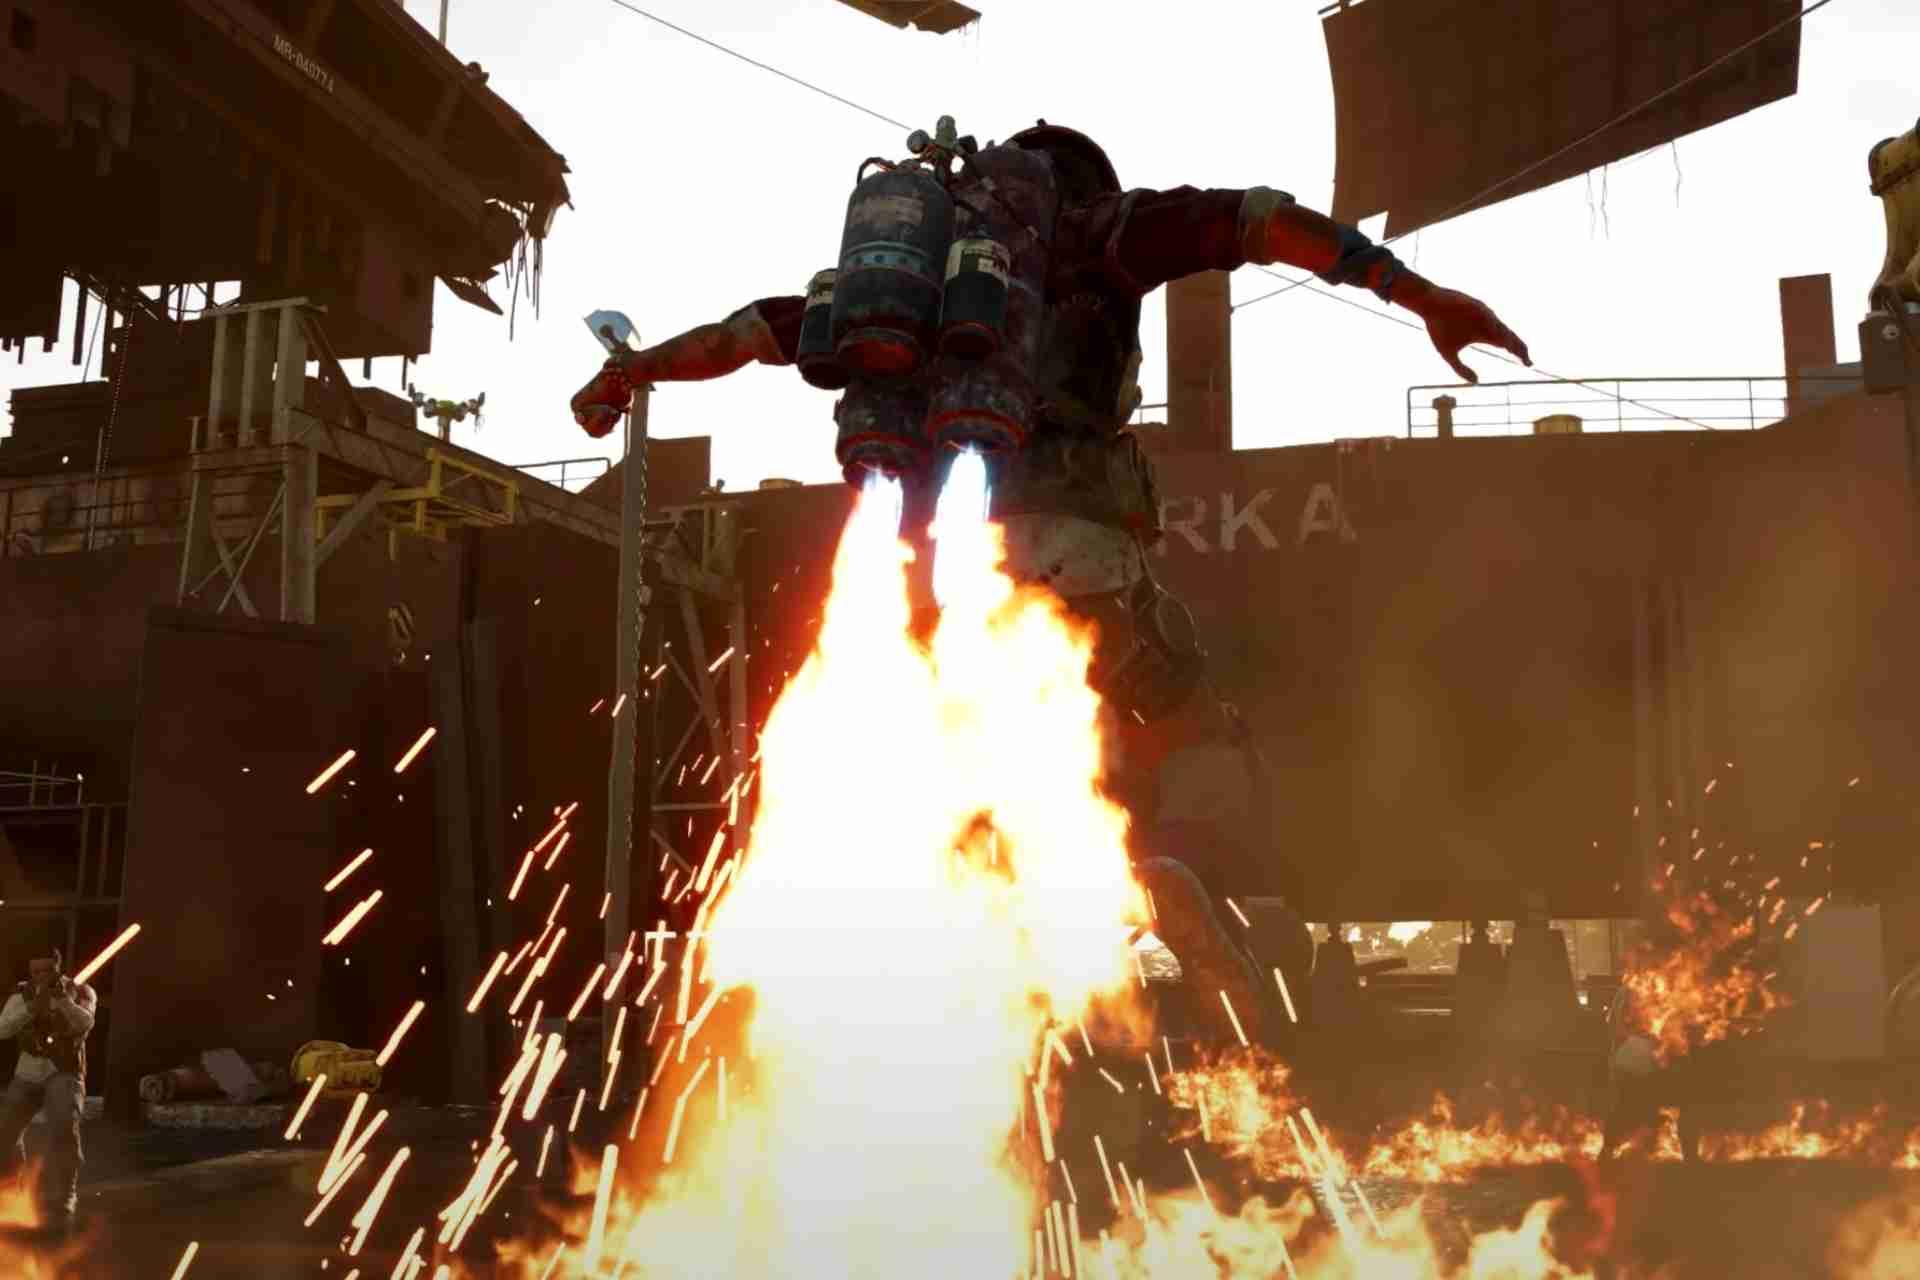 Dani-doing-rocket-propulsion-supremo-backpack-jetpack